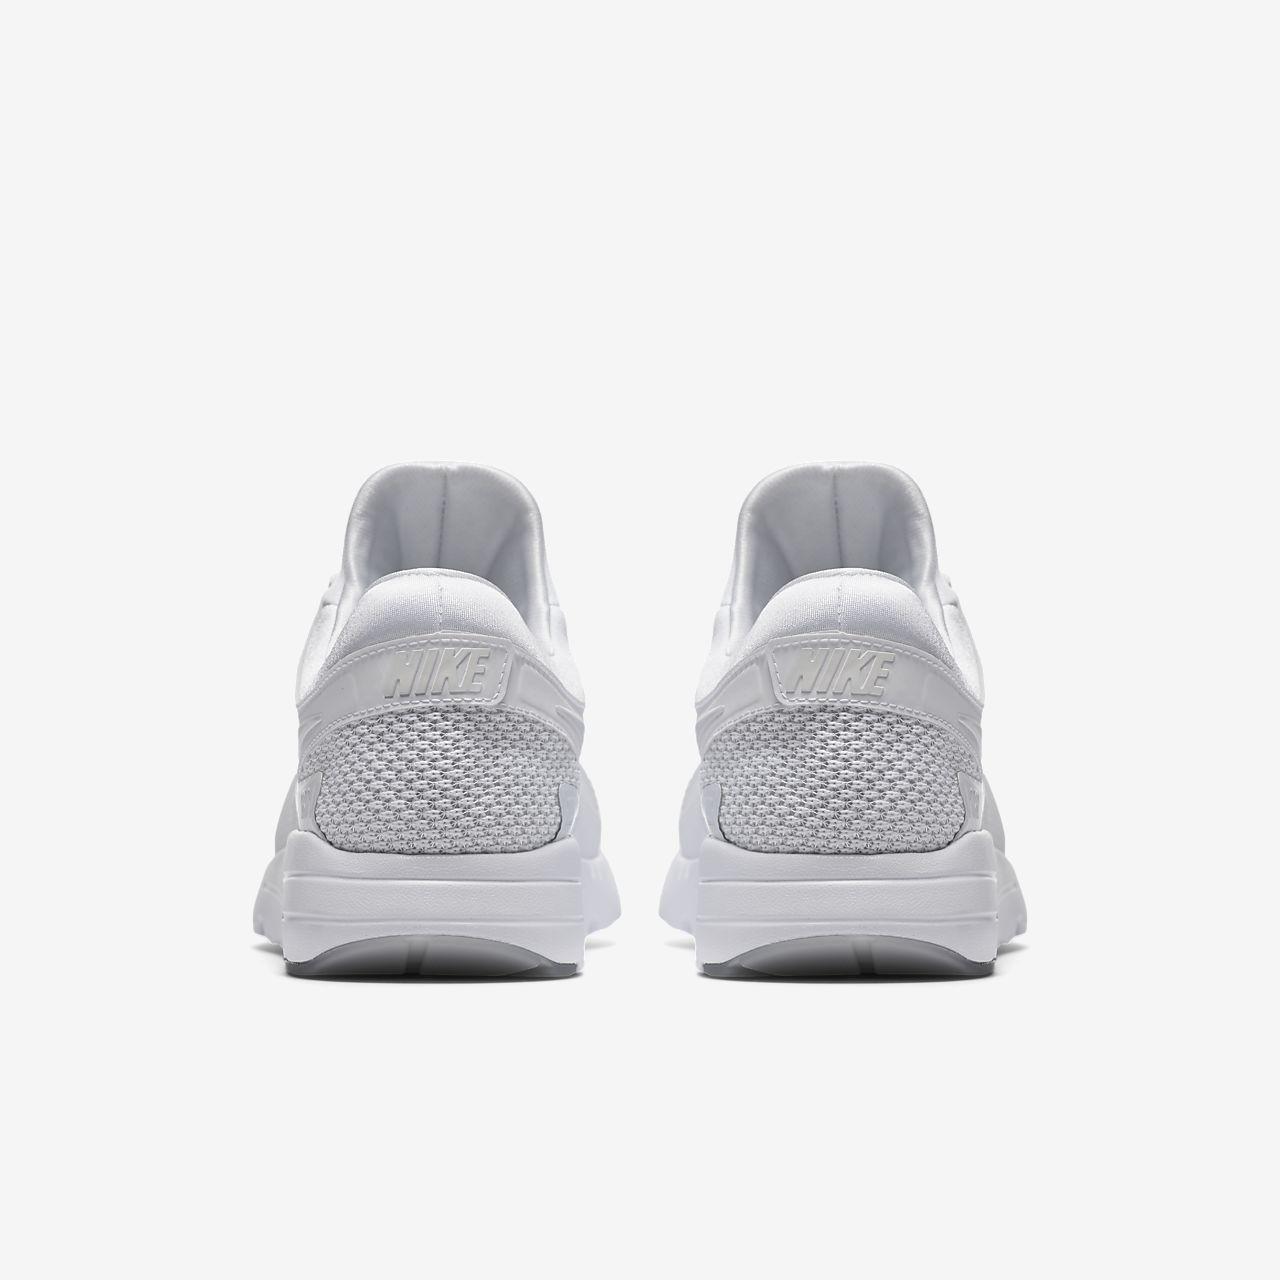 Nike Air Max Zero Premium Magyarország Nike Teremcipő